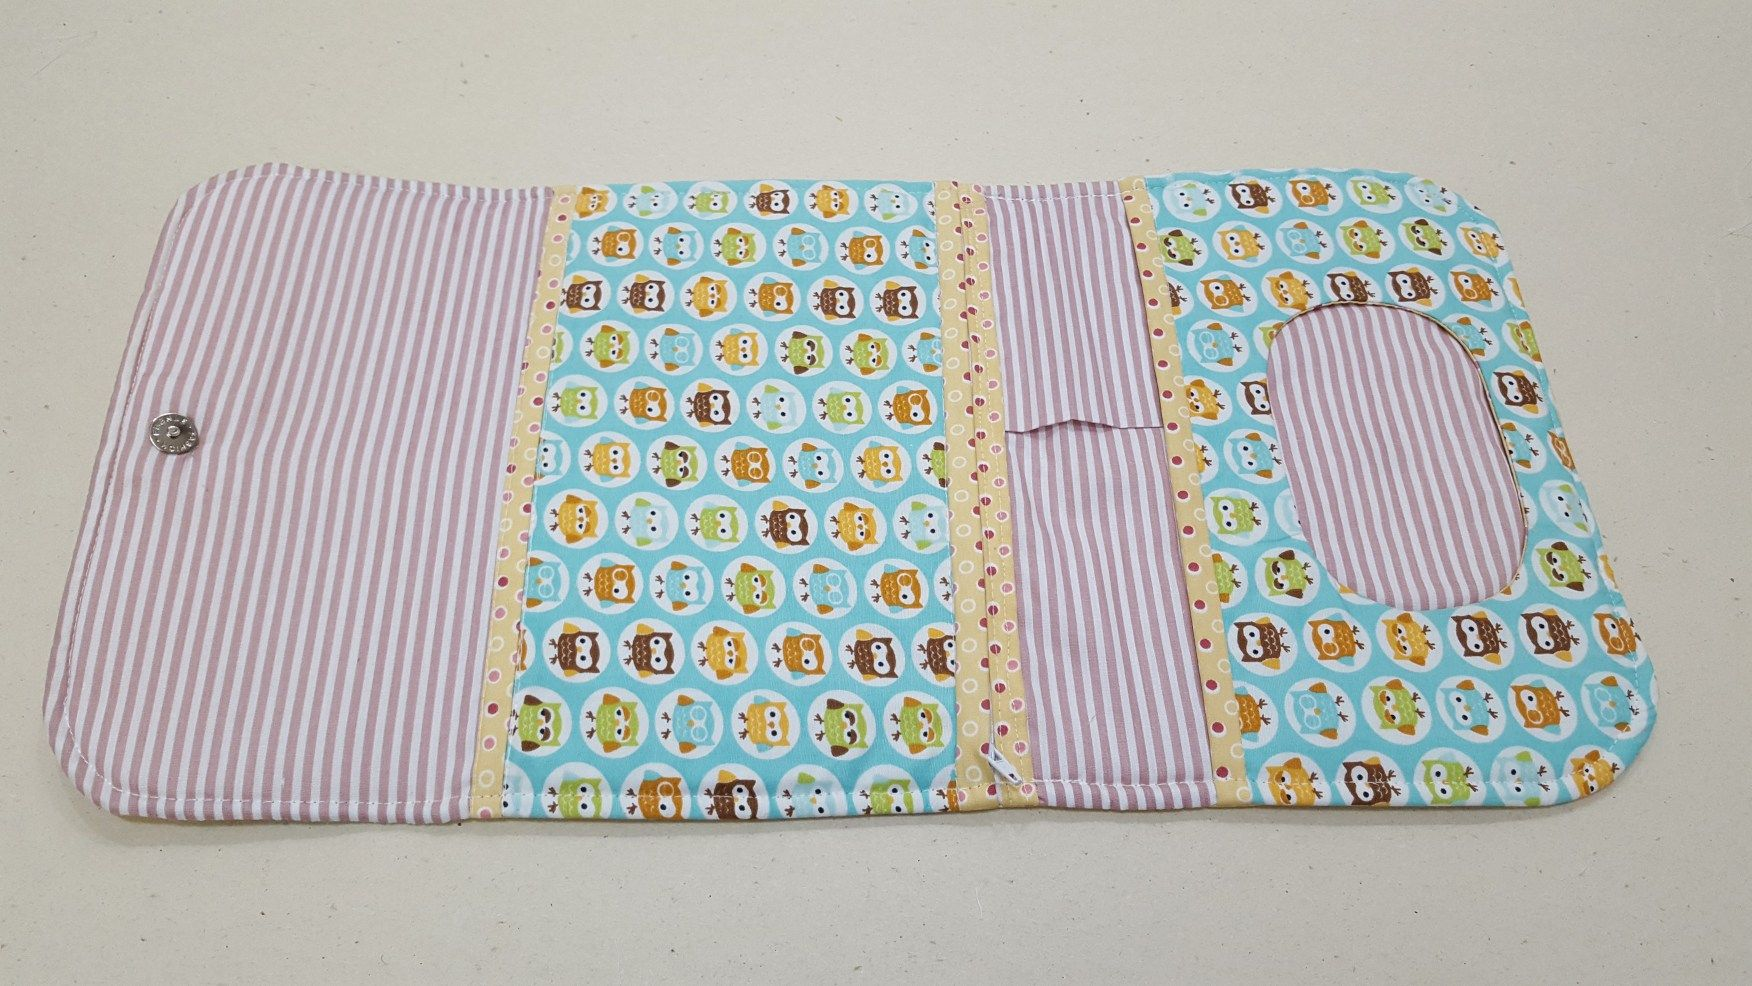 Aparador Hemnes Ikea Segunda Mano ~ Acompanhe o passoà passo de como fazer um porta kit higiene do beb u00ea de tecido coisas de beb u00ea